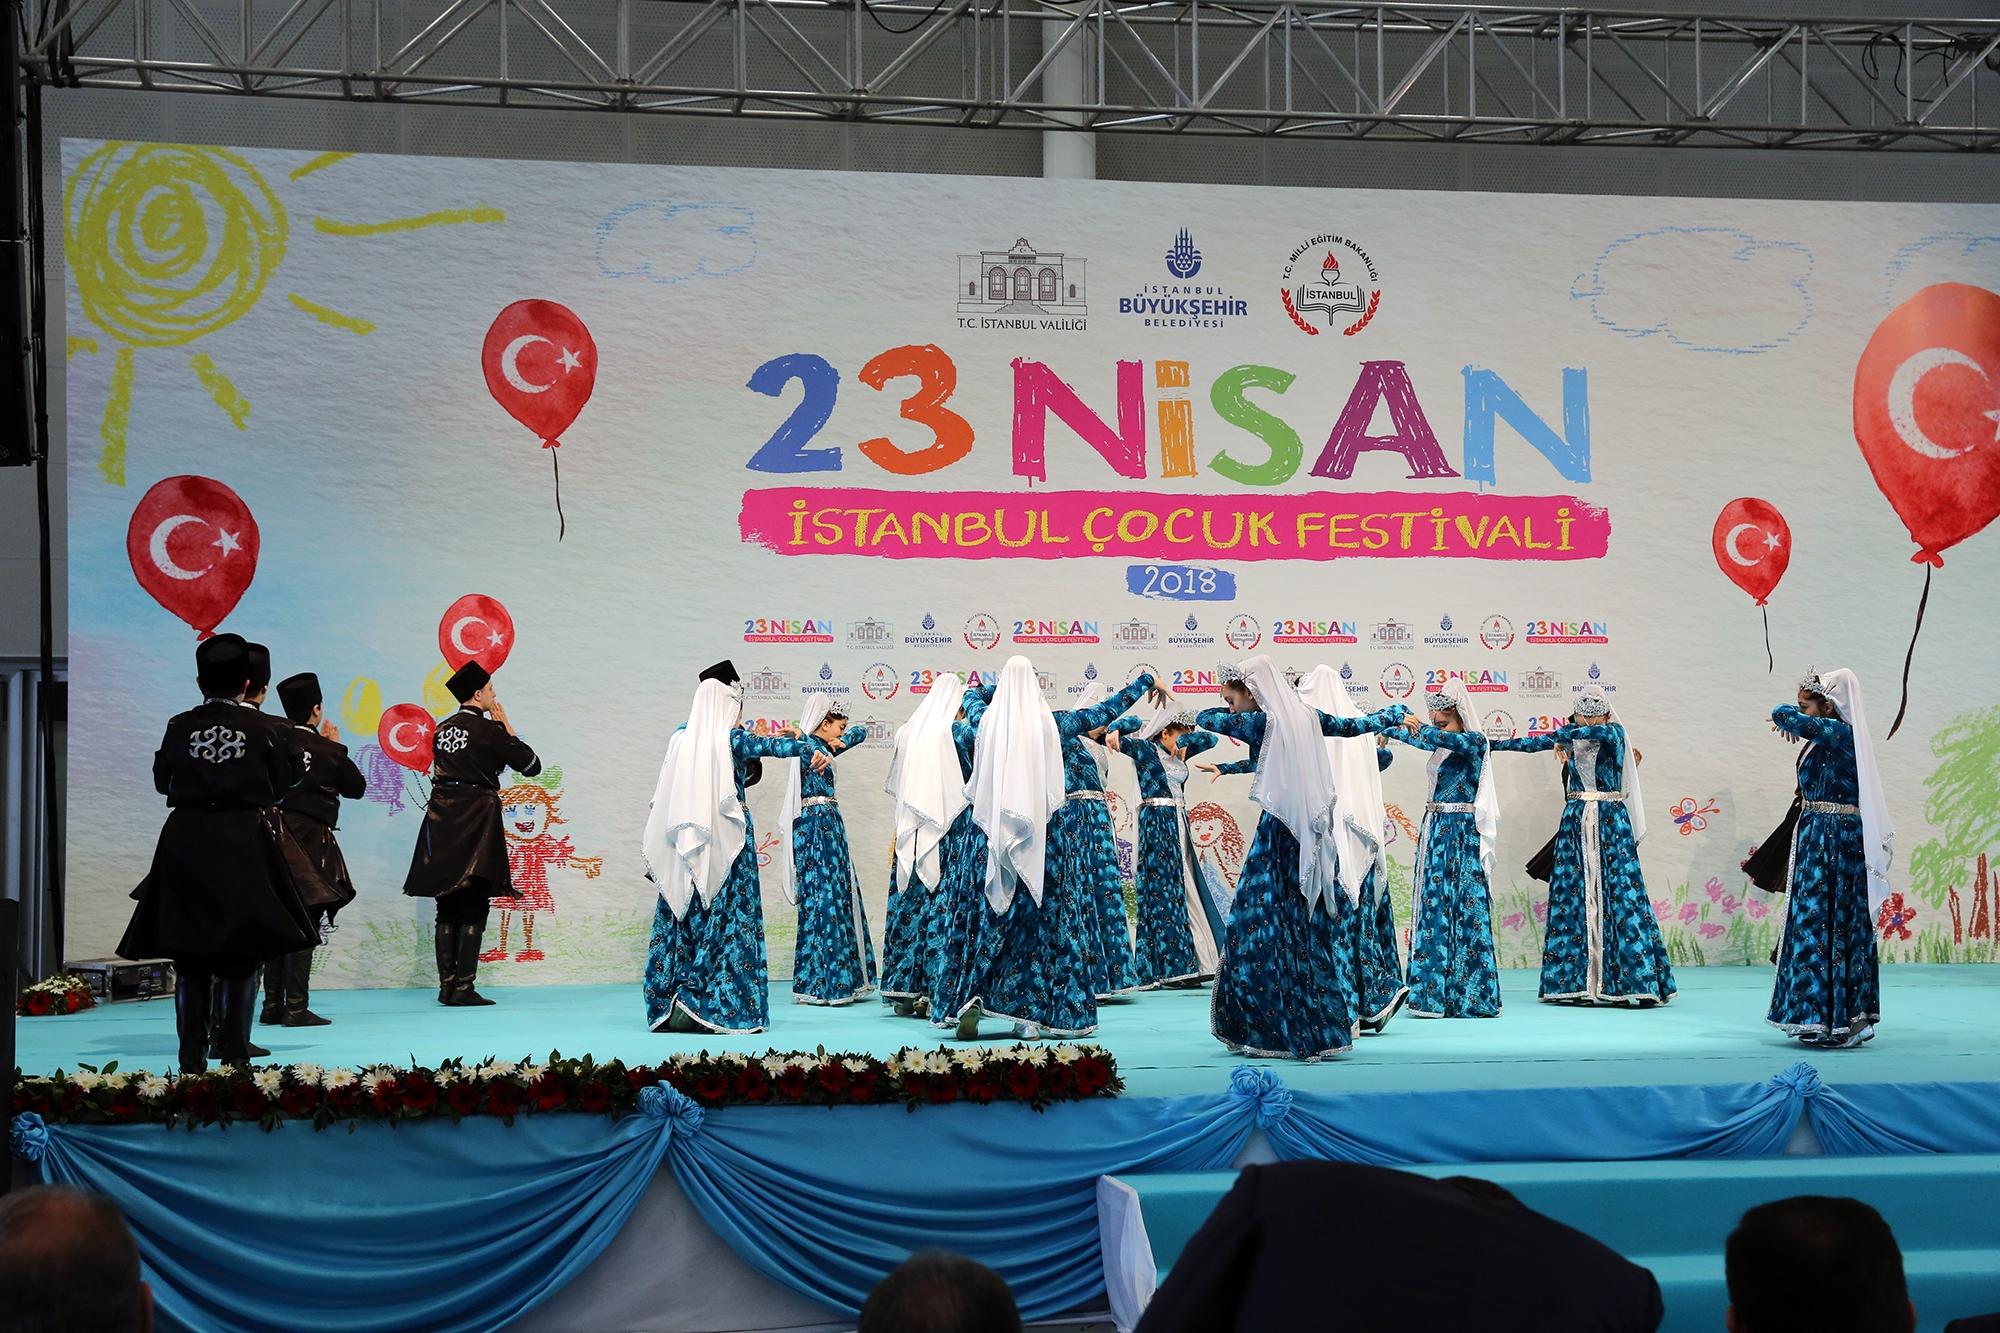 Konuşan Trafik Çocuk Oyunu Kadıköy Halk Eğitim Merkezi'nde 82